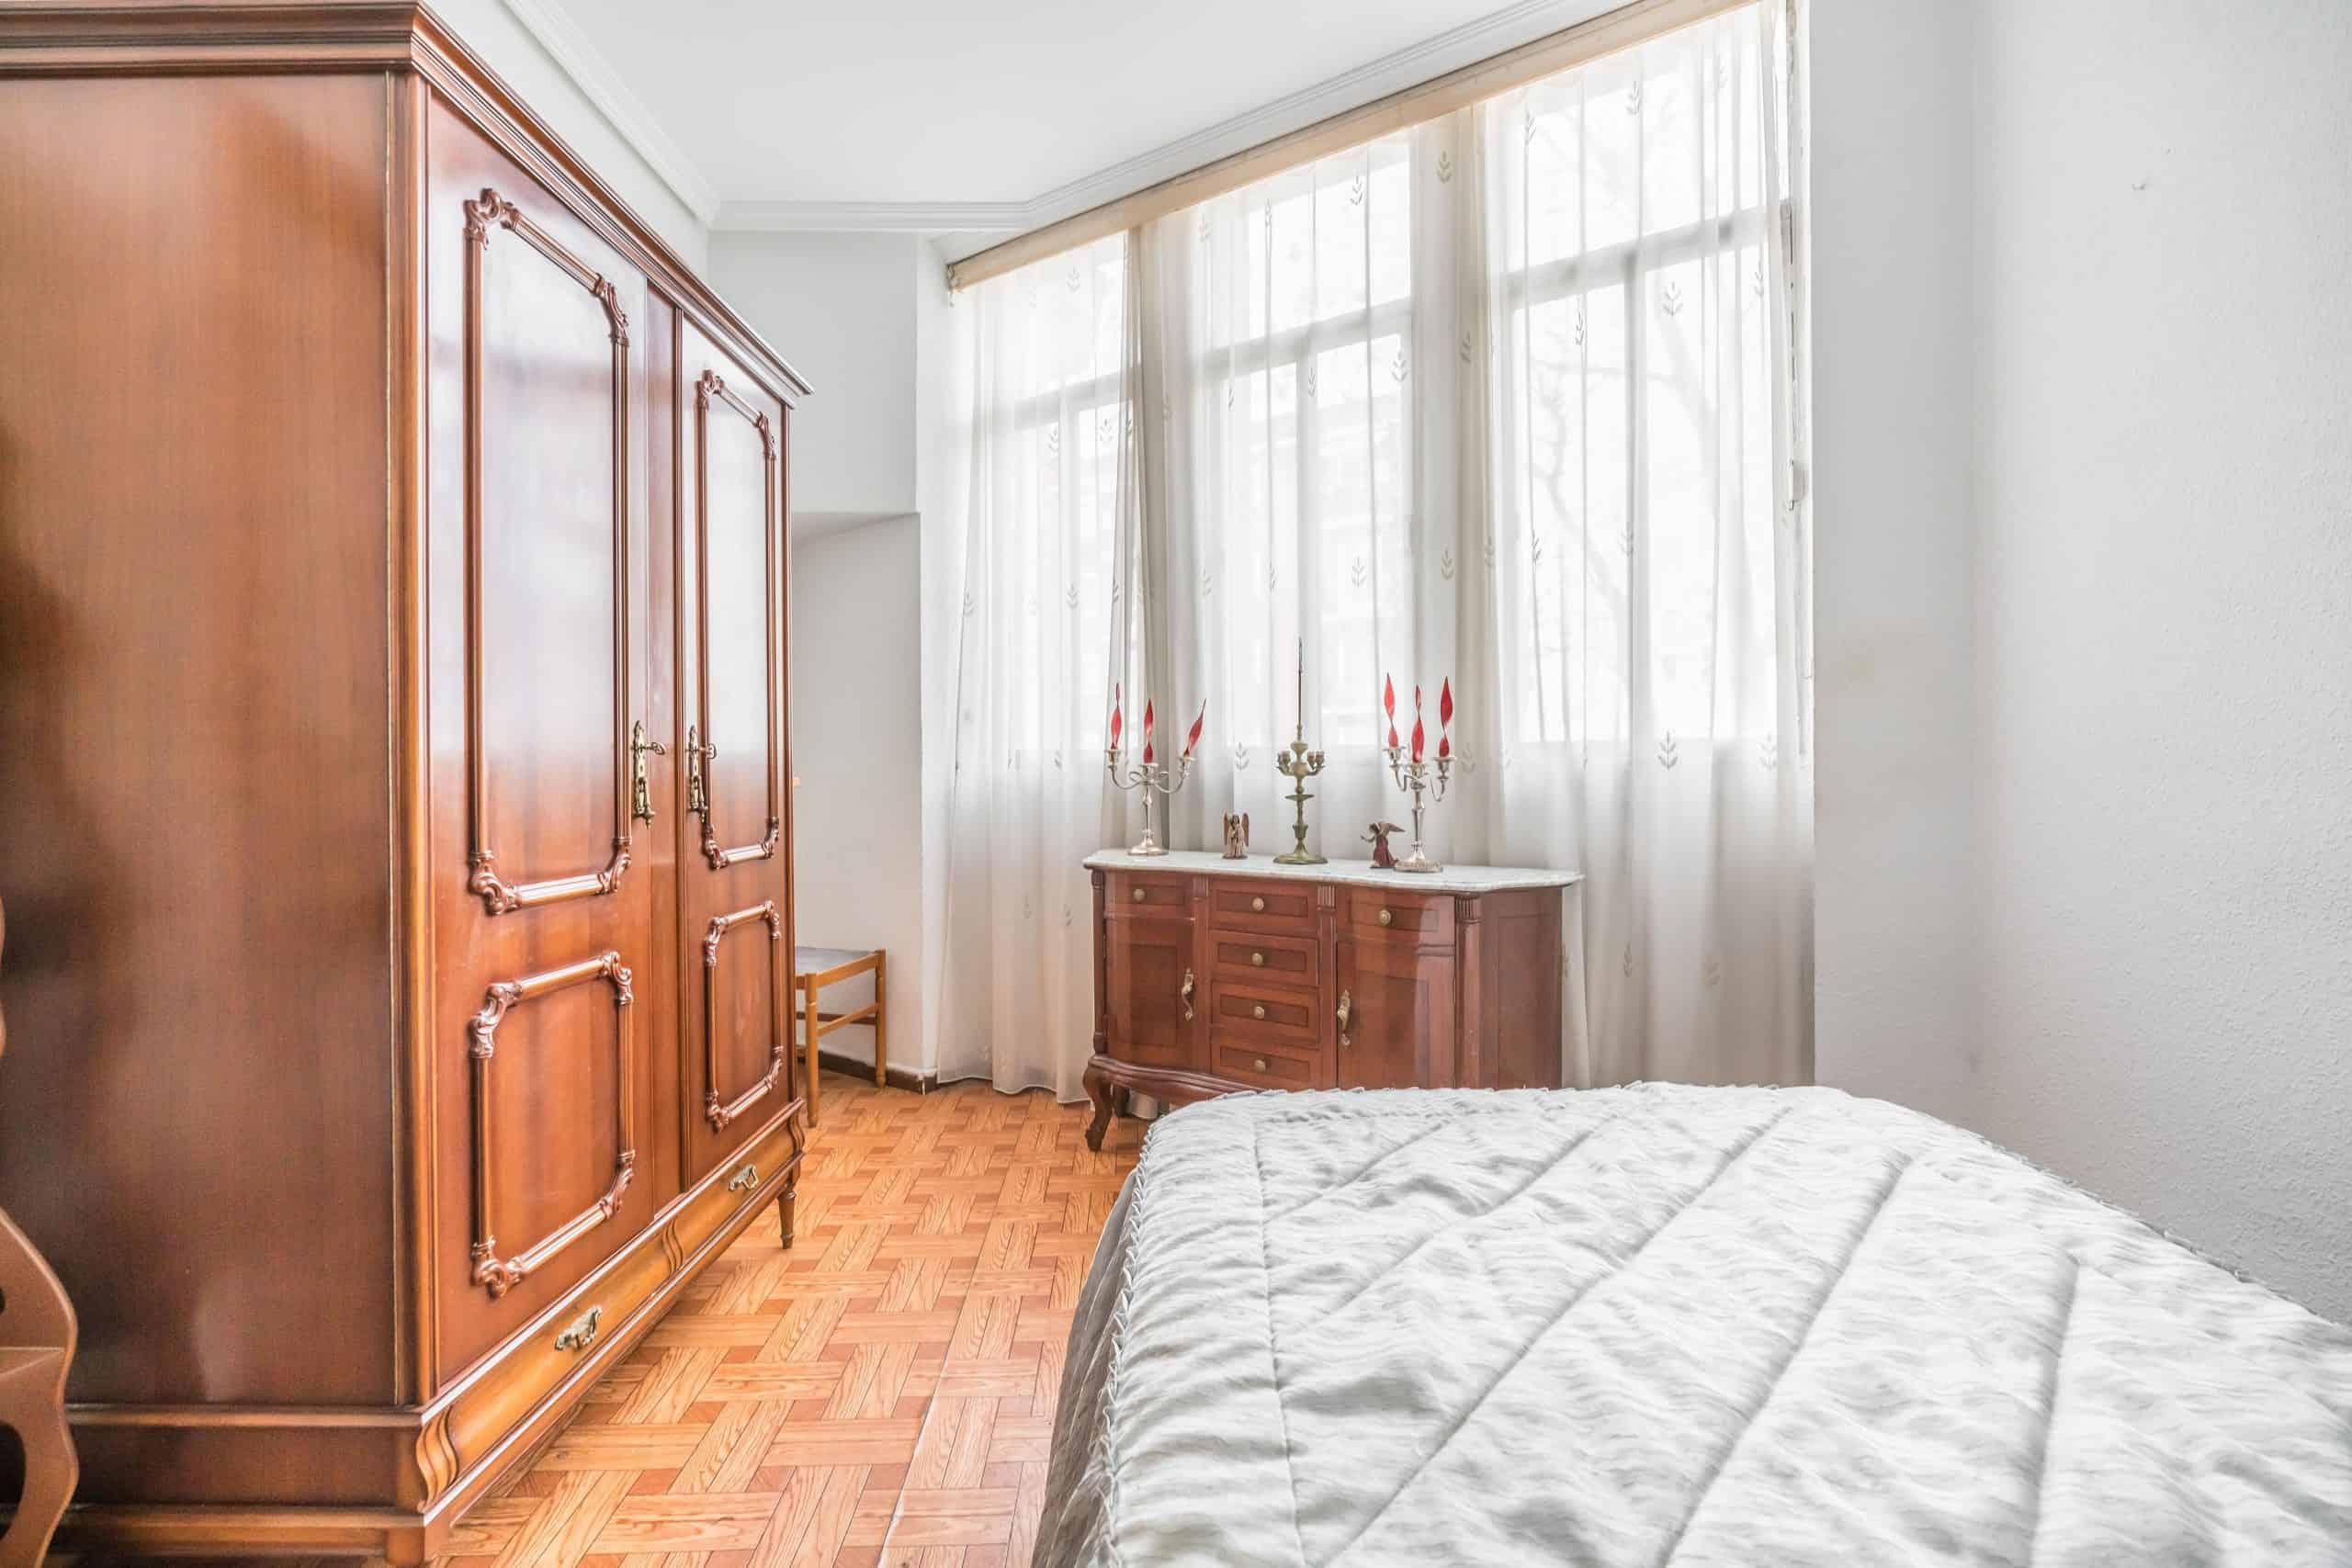 Agencia Inmobiliaria de Madrid-FUTUROCASA-Zona ARGANZUELA-LEGAZPI -calle Jaime Conquistador 27- Habitación 6